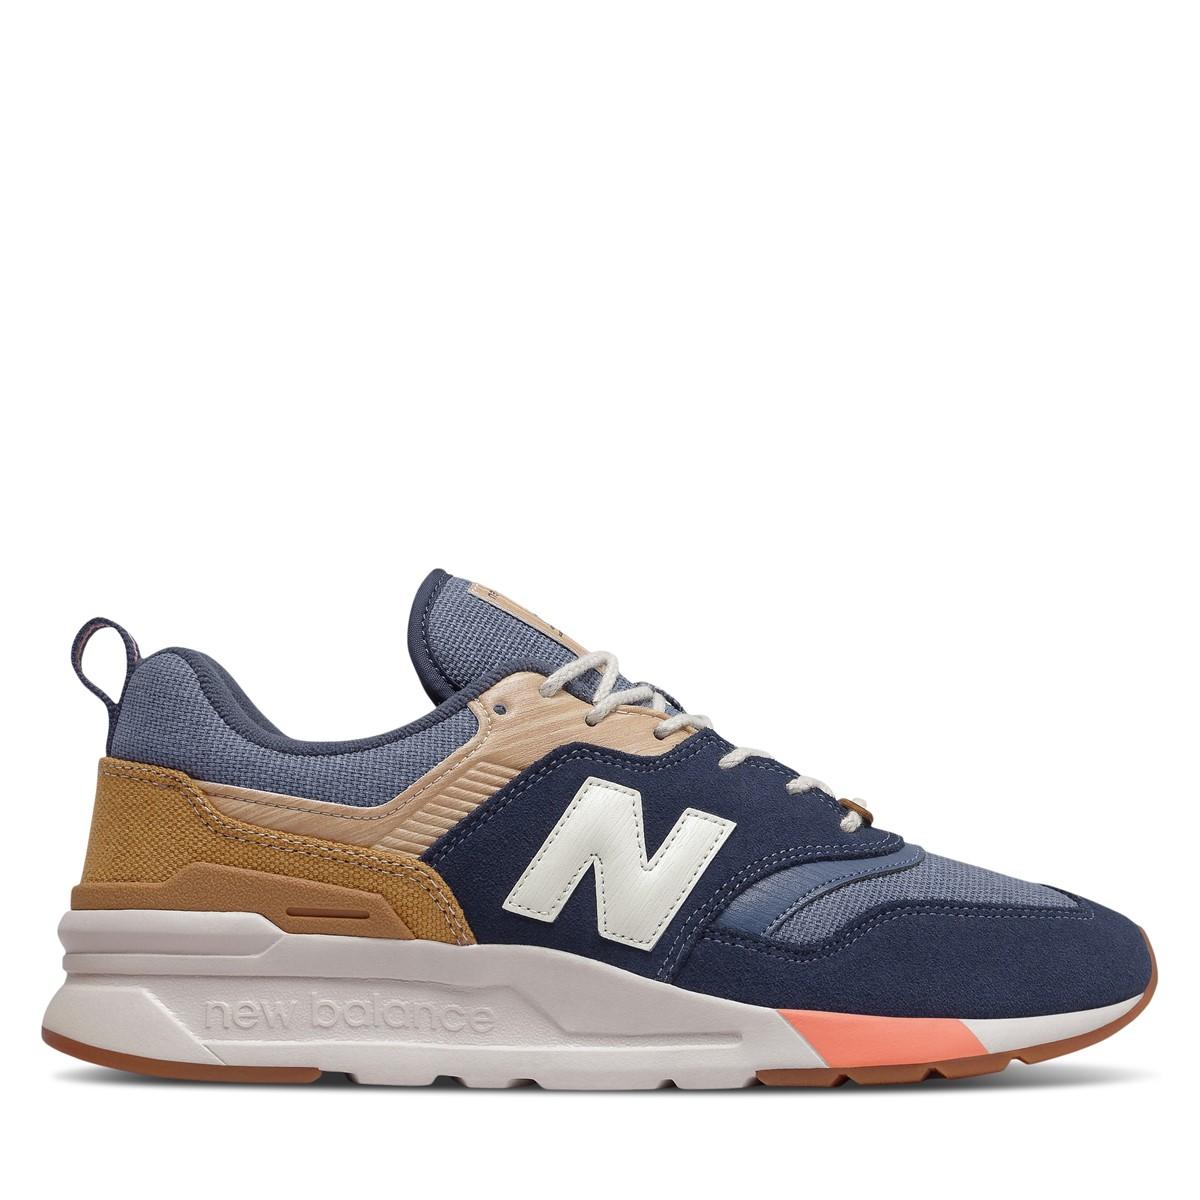 Men's 997H Spring Hike Sneakers in Navy/Beige